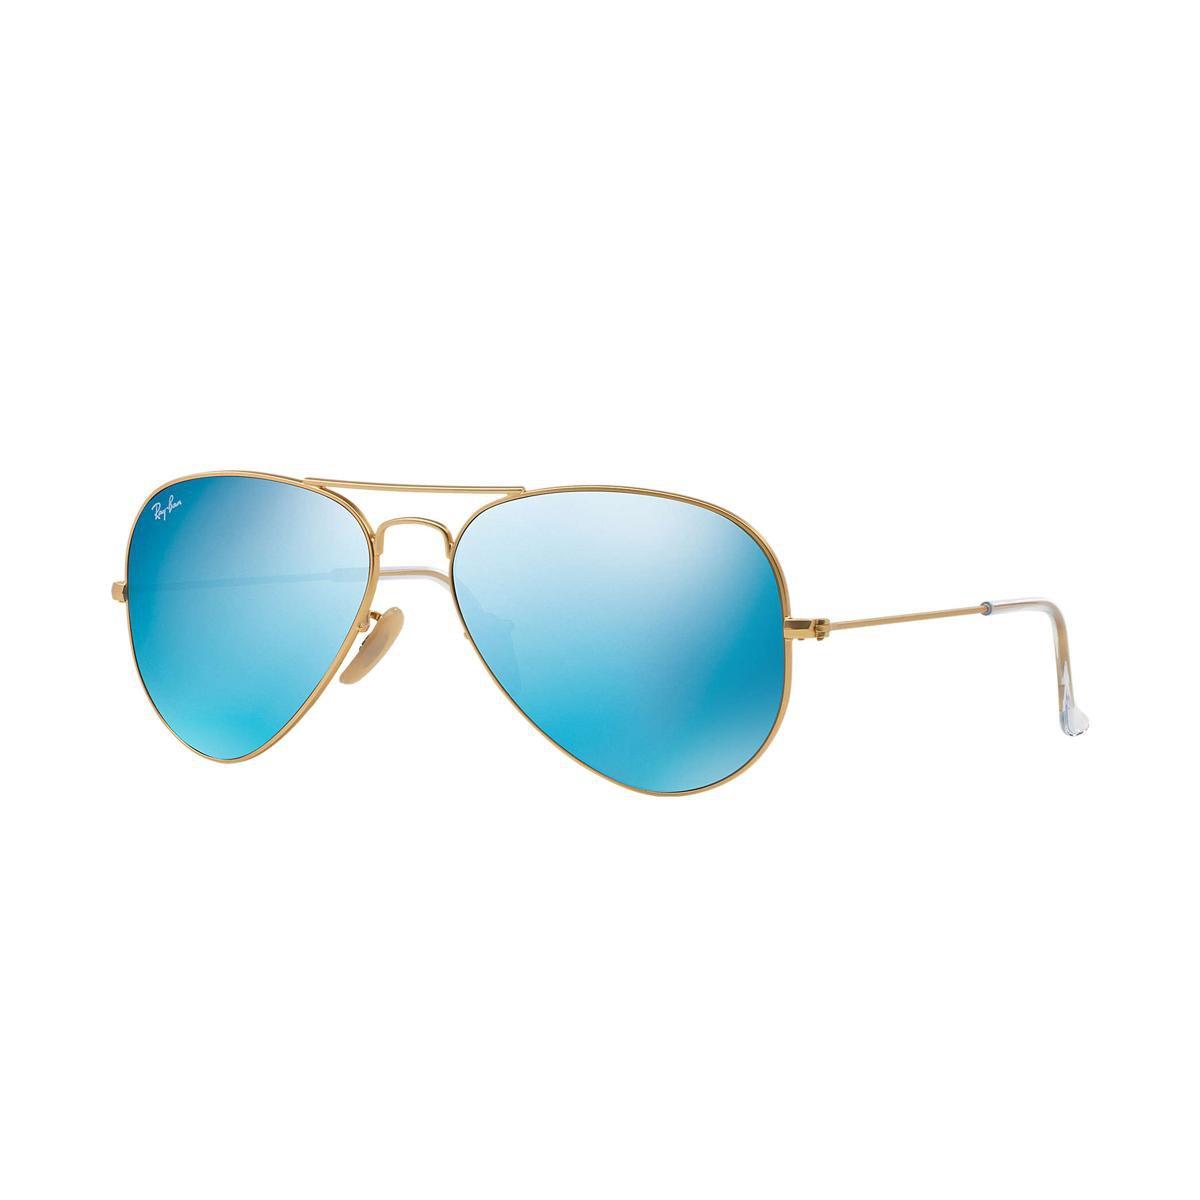 Óculos de Sol Ray-Ban Aviator Lentes Espelhadas - Dourado - Compre Agora    Zattini 9c6d857cb8